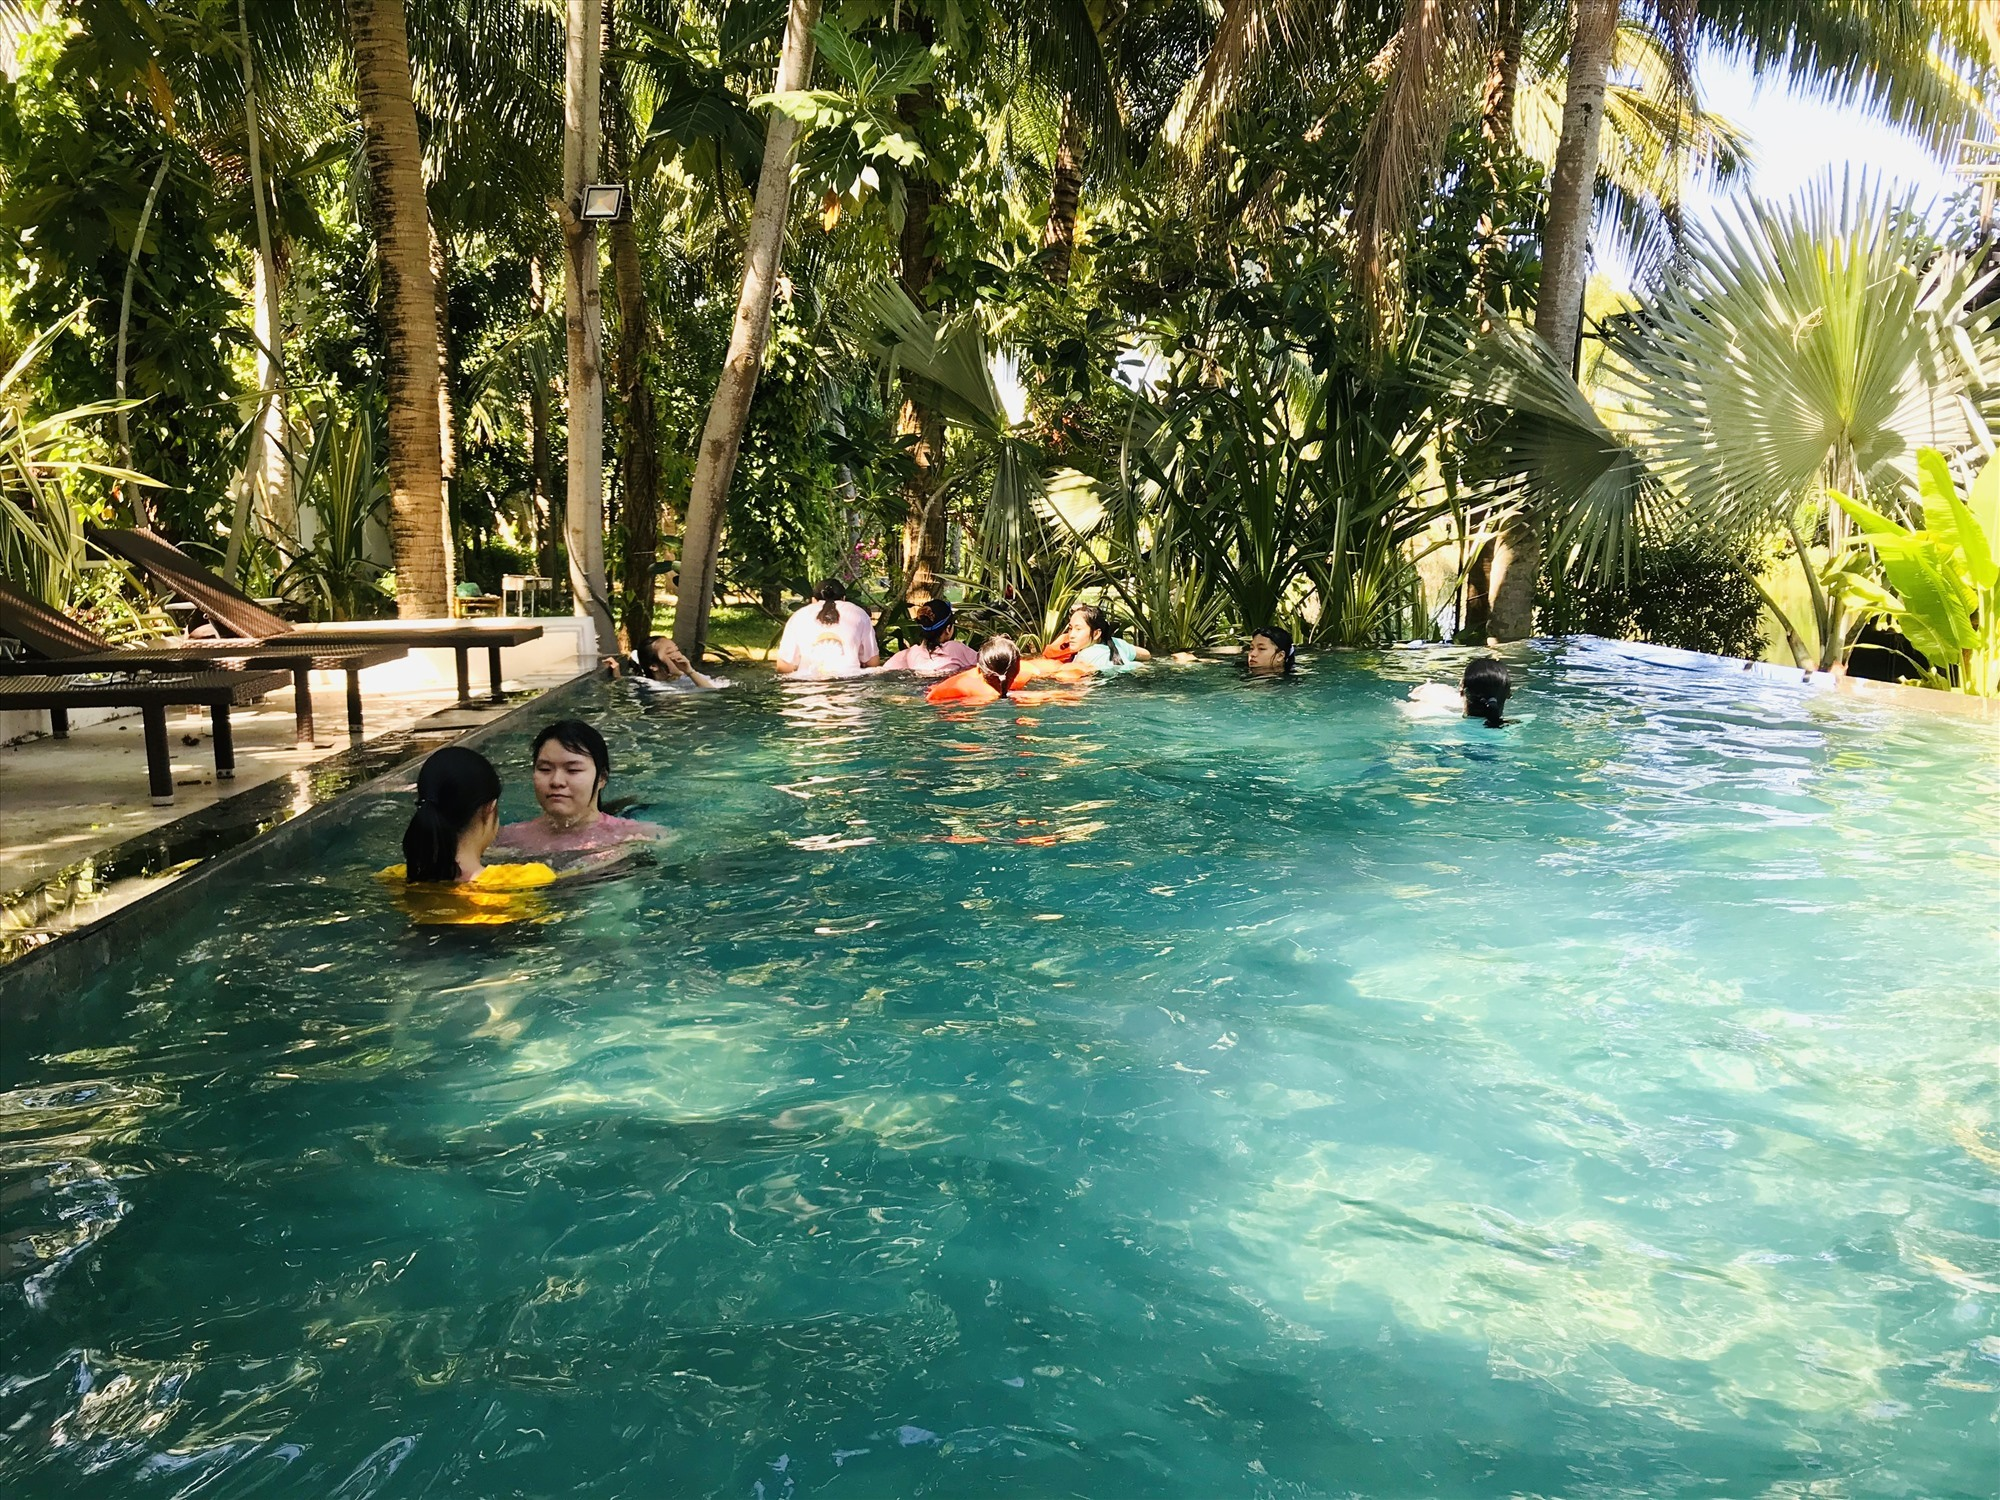 A swimming pool in a villa